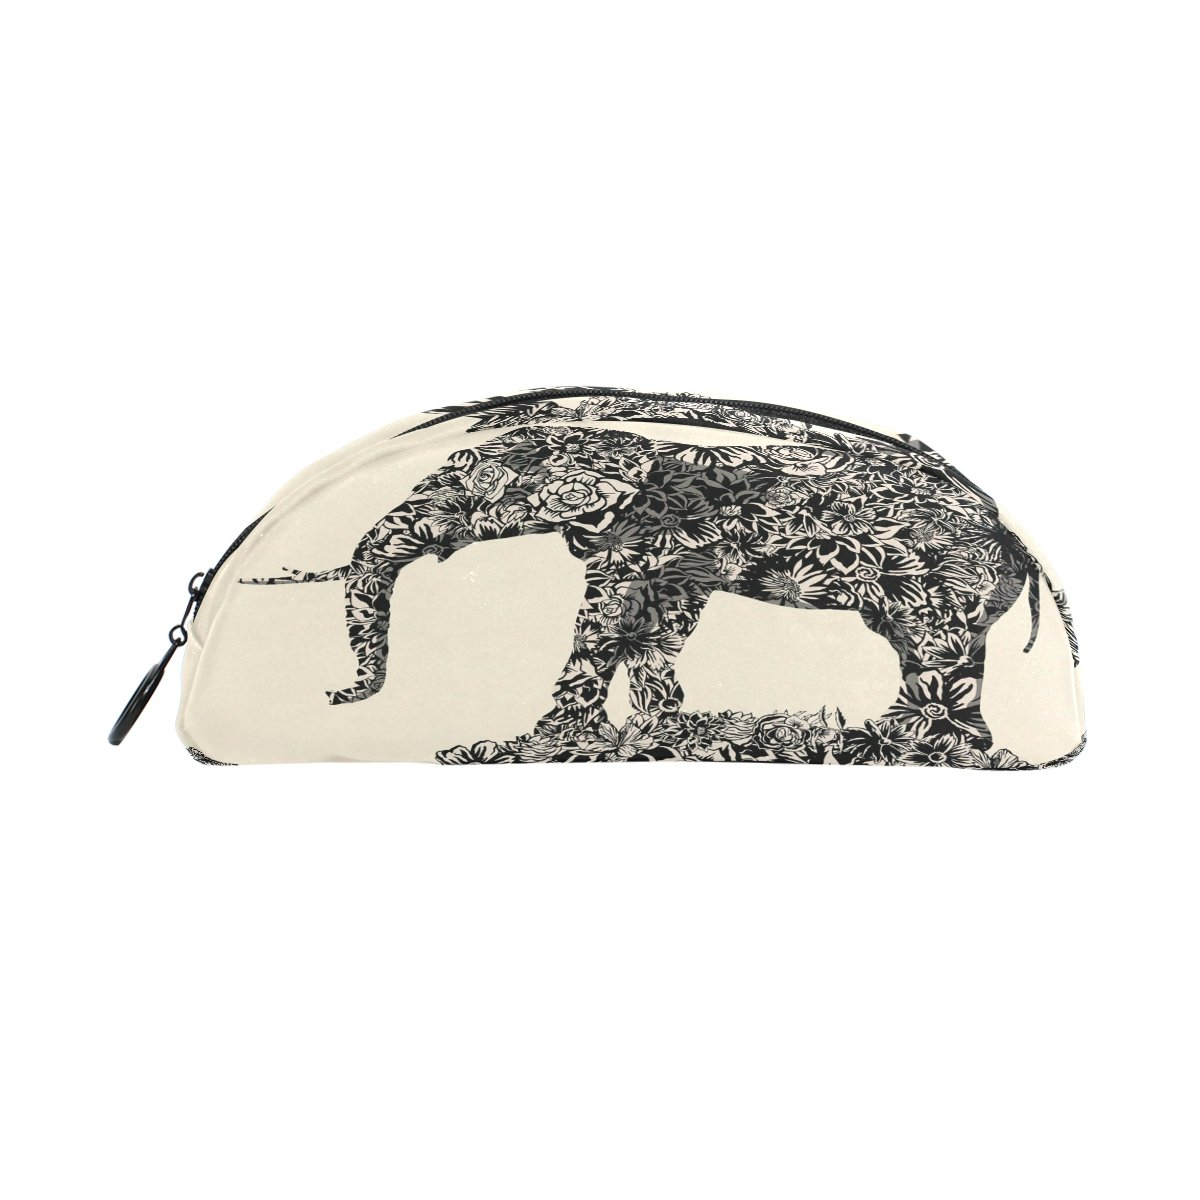 Zzkko Fleur éléphant rétro Fermeture Éclair Stylo Trousse Sac pochette pour enfants filles garçons adolescents adultes